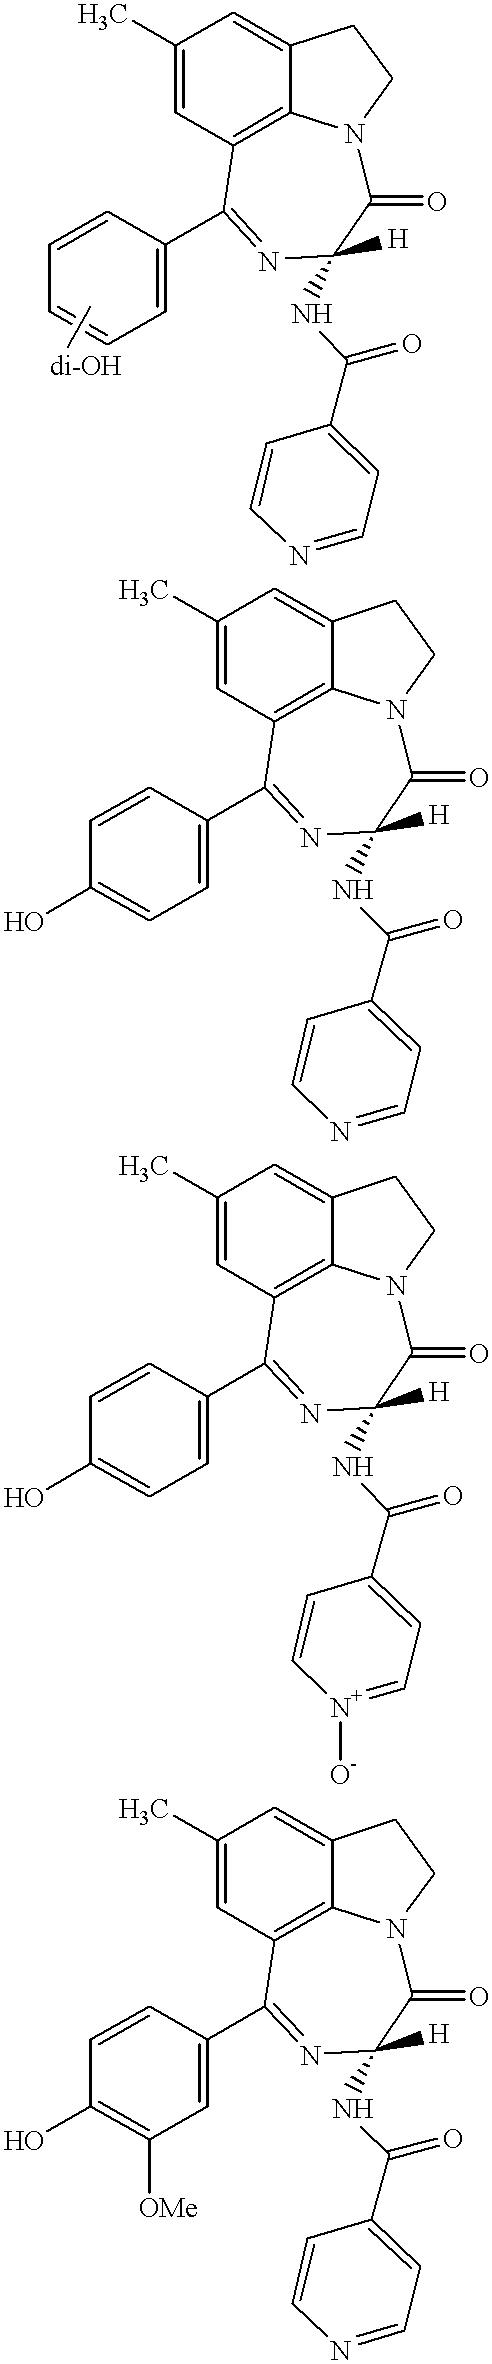 Figure US06365585-20020402-C00004